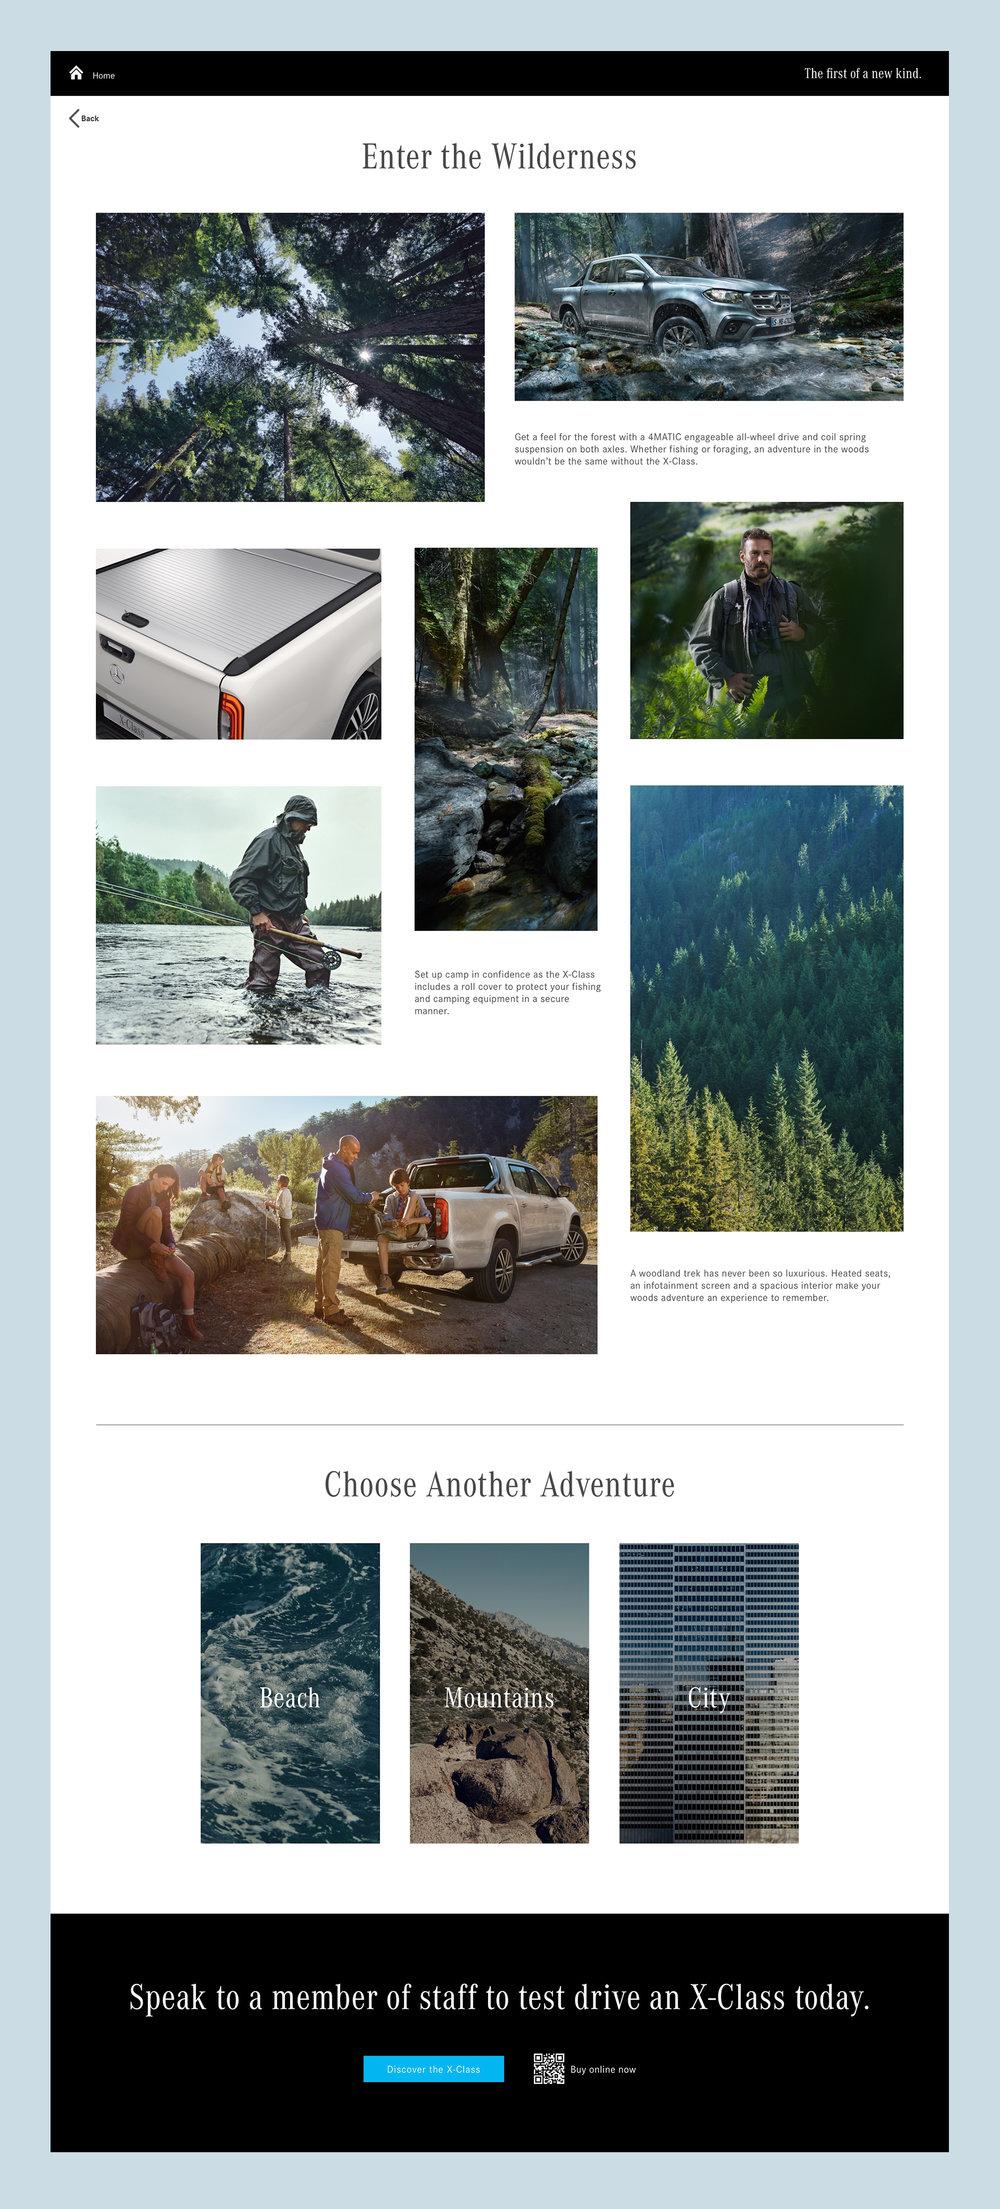 Adventures-Woods.jpg